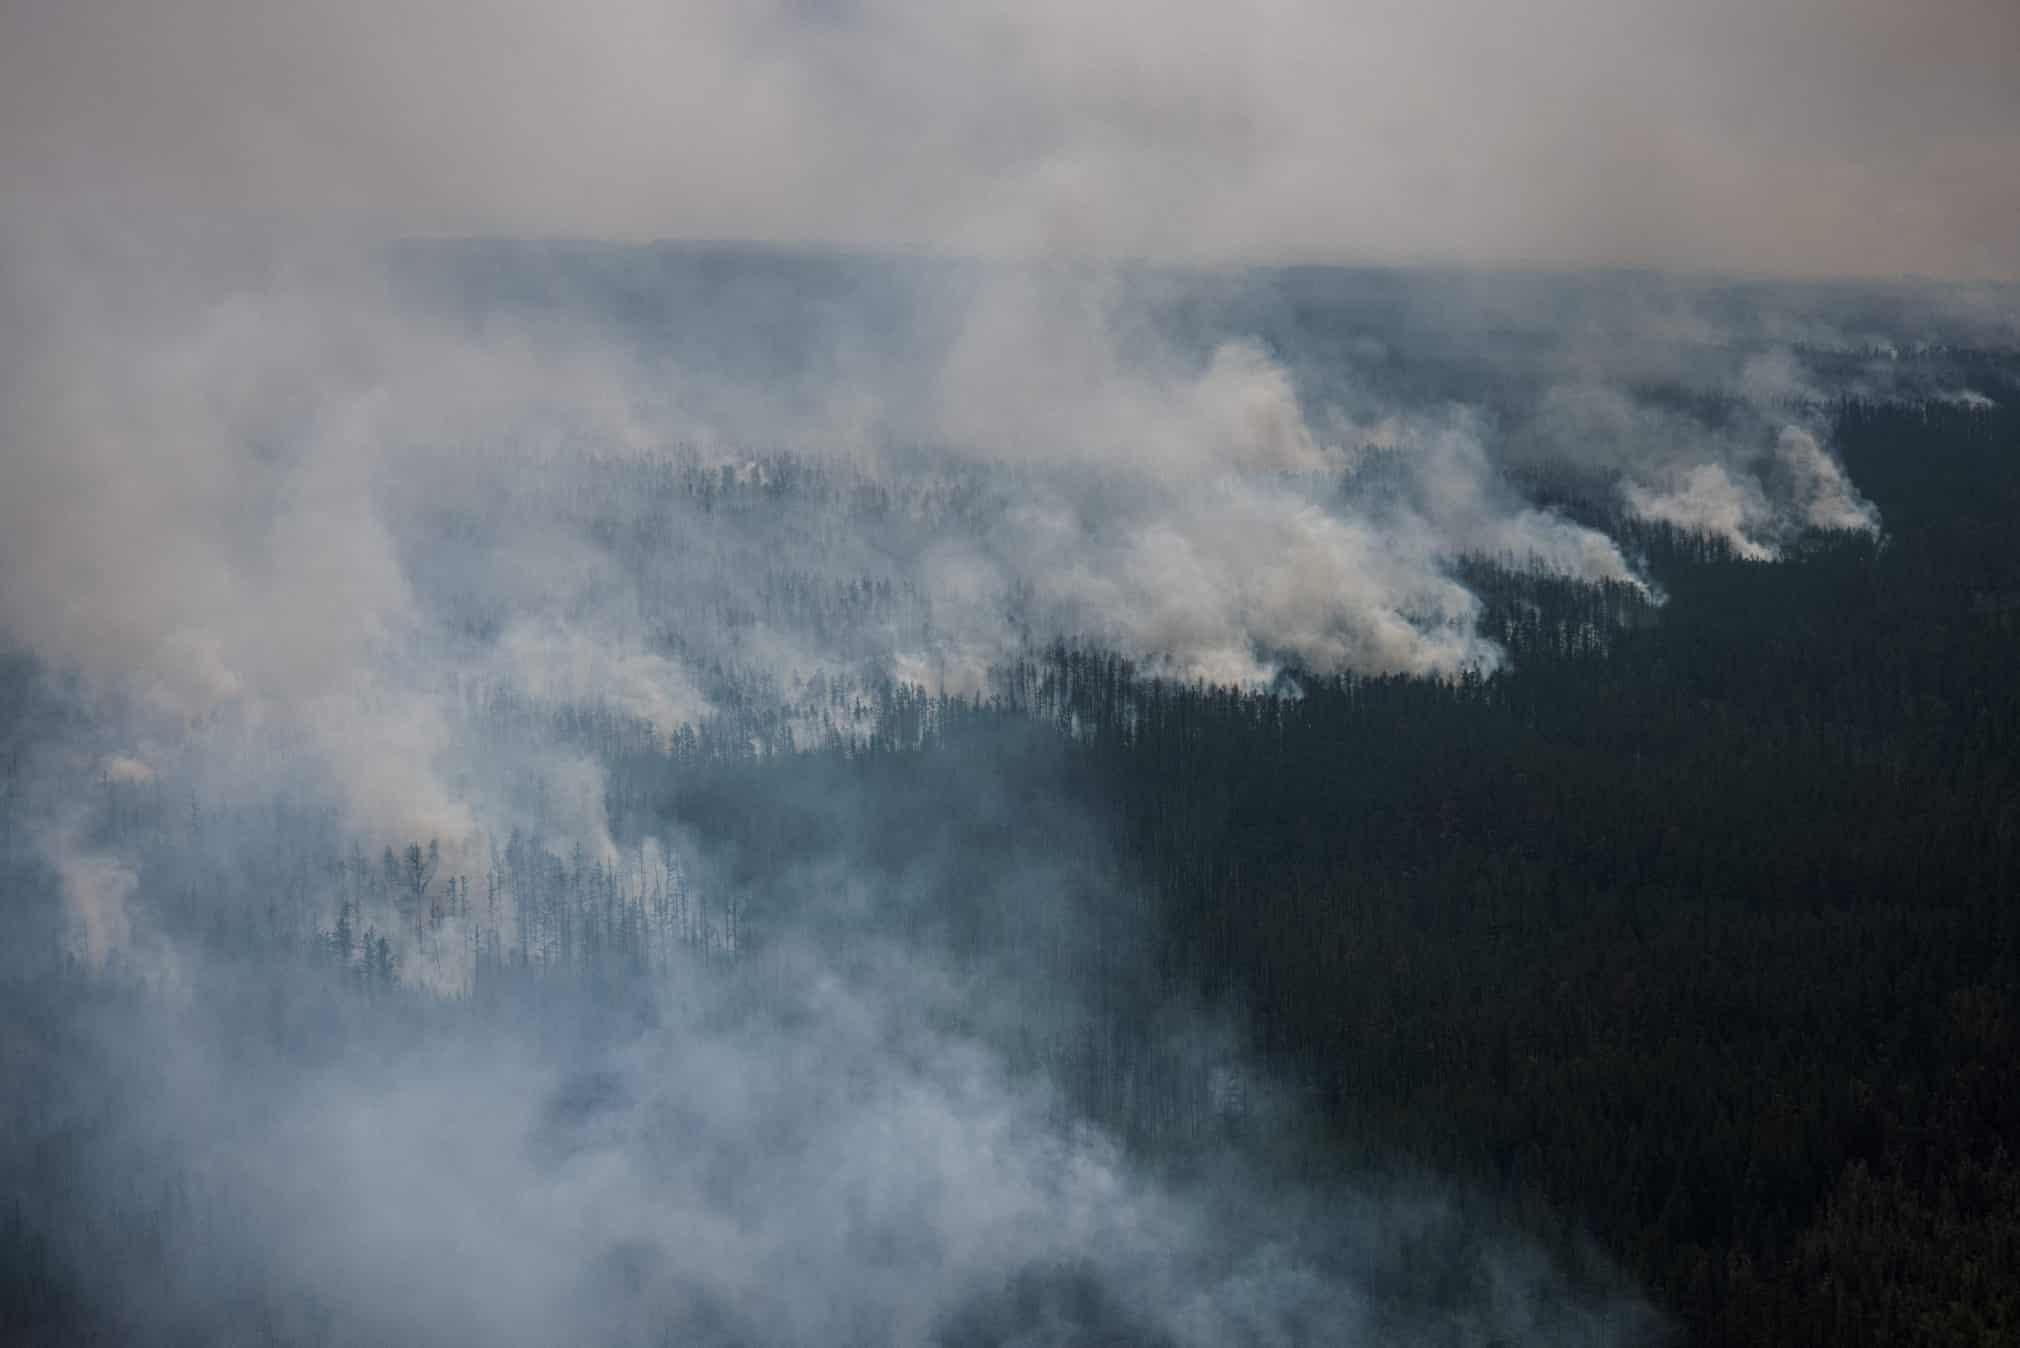 Vastas áreas de Rusia se han visto afectadas por olas de calor y sequías impulsadas por la crisis climática en los últimos años, y se han establecido muchos récords de temperatura